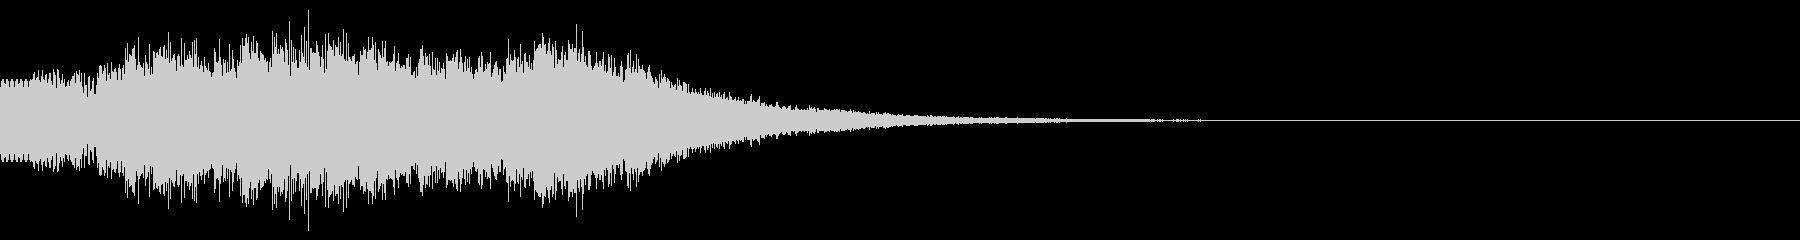 キラキラ/駆け上がり/場面転換の未再生の波形